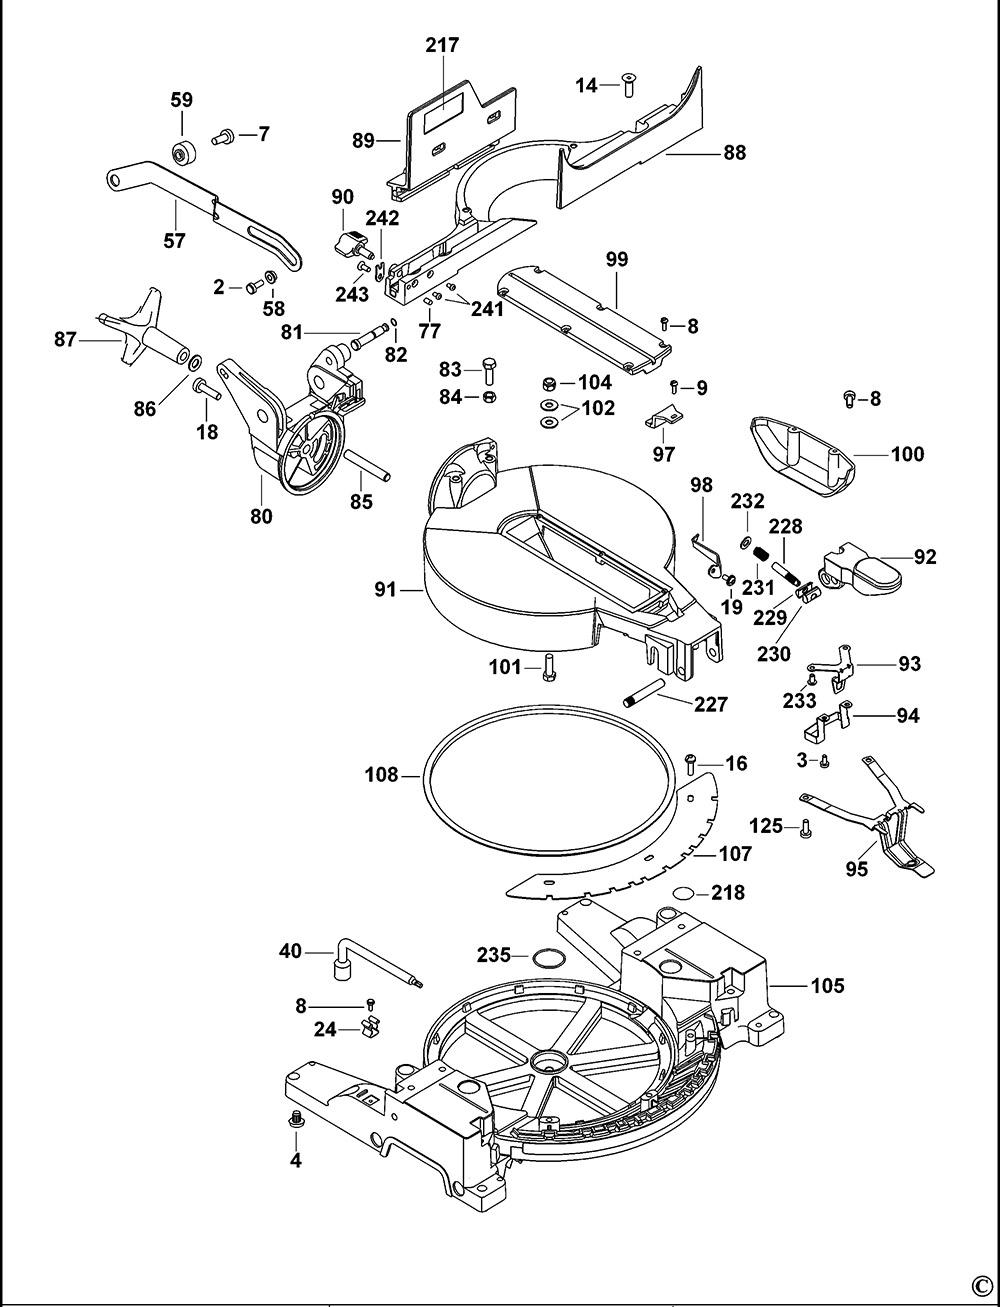 dewalt dw713xps type 1 mitre saw spare parts